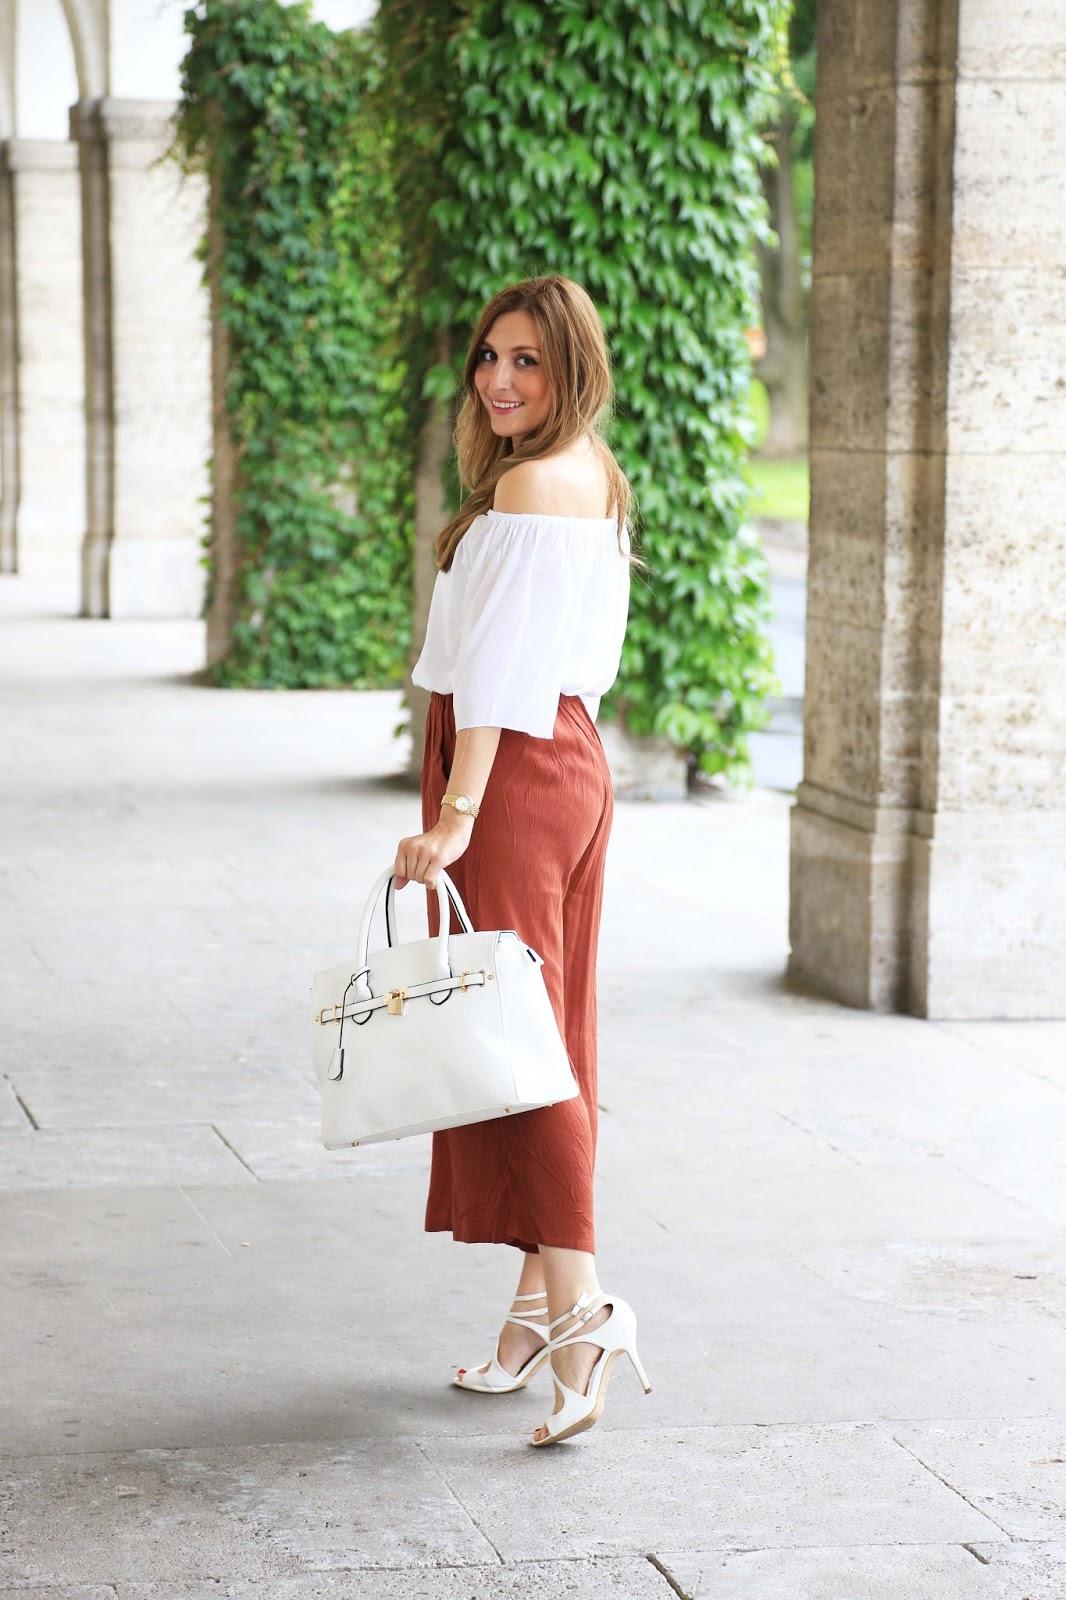 Culotte Hose Fashionstylebyjohanna Fashionblog